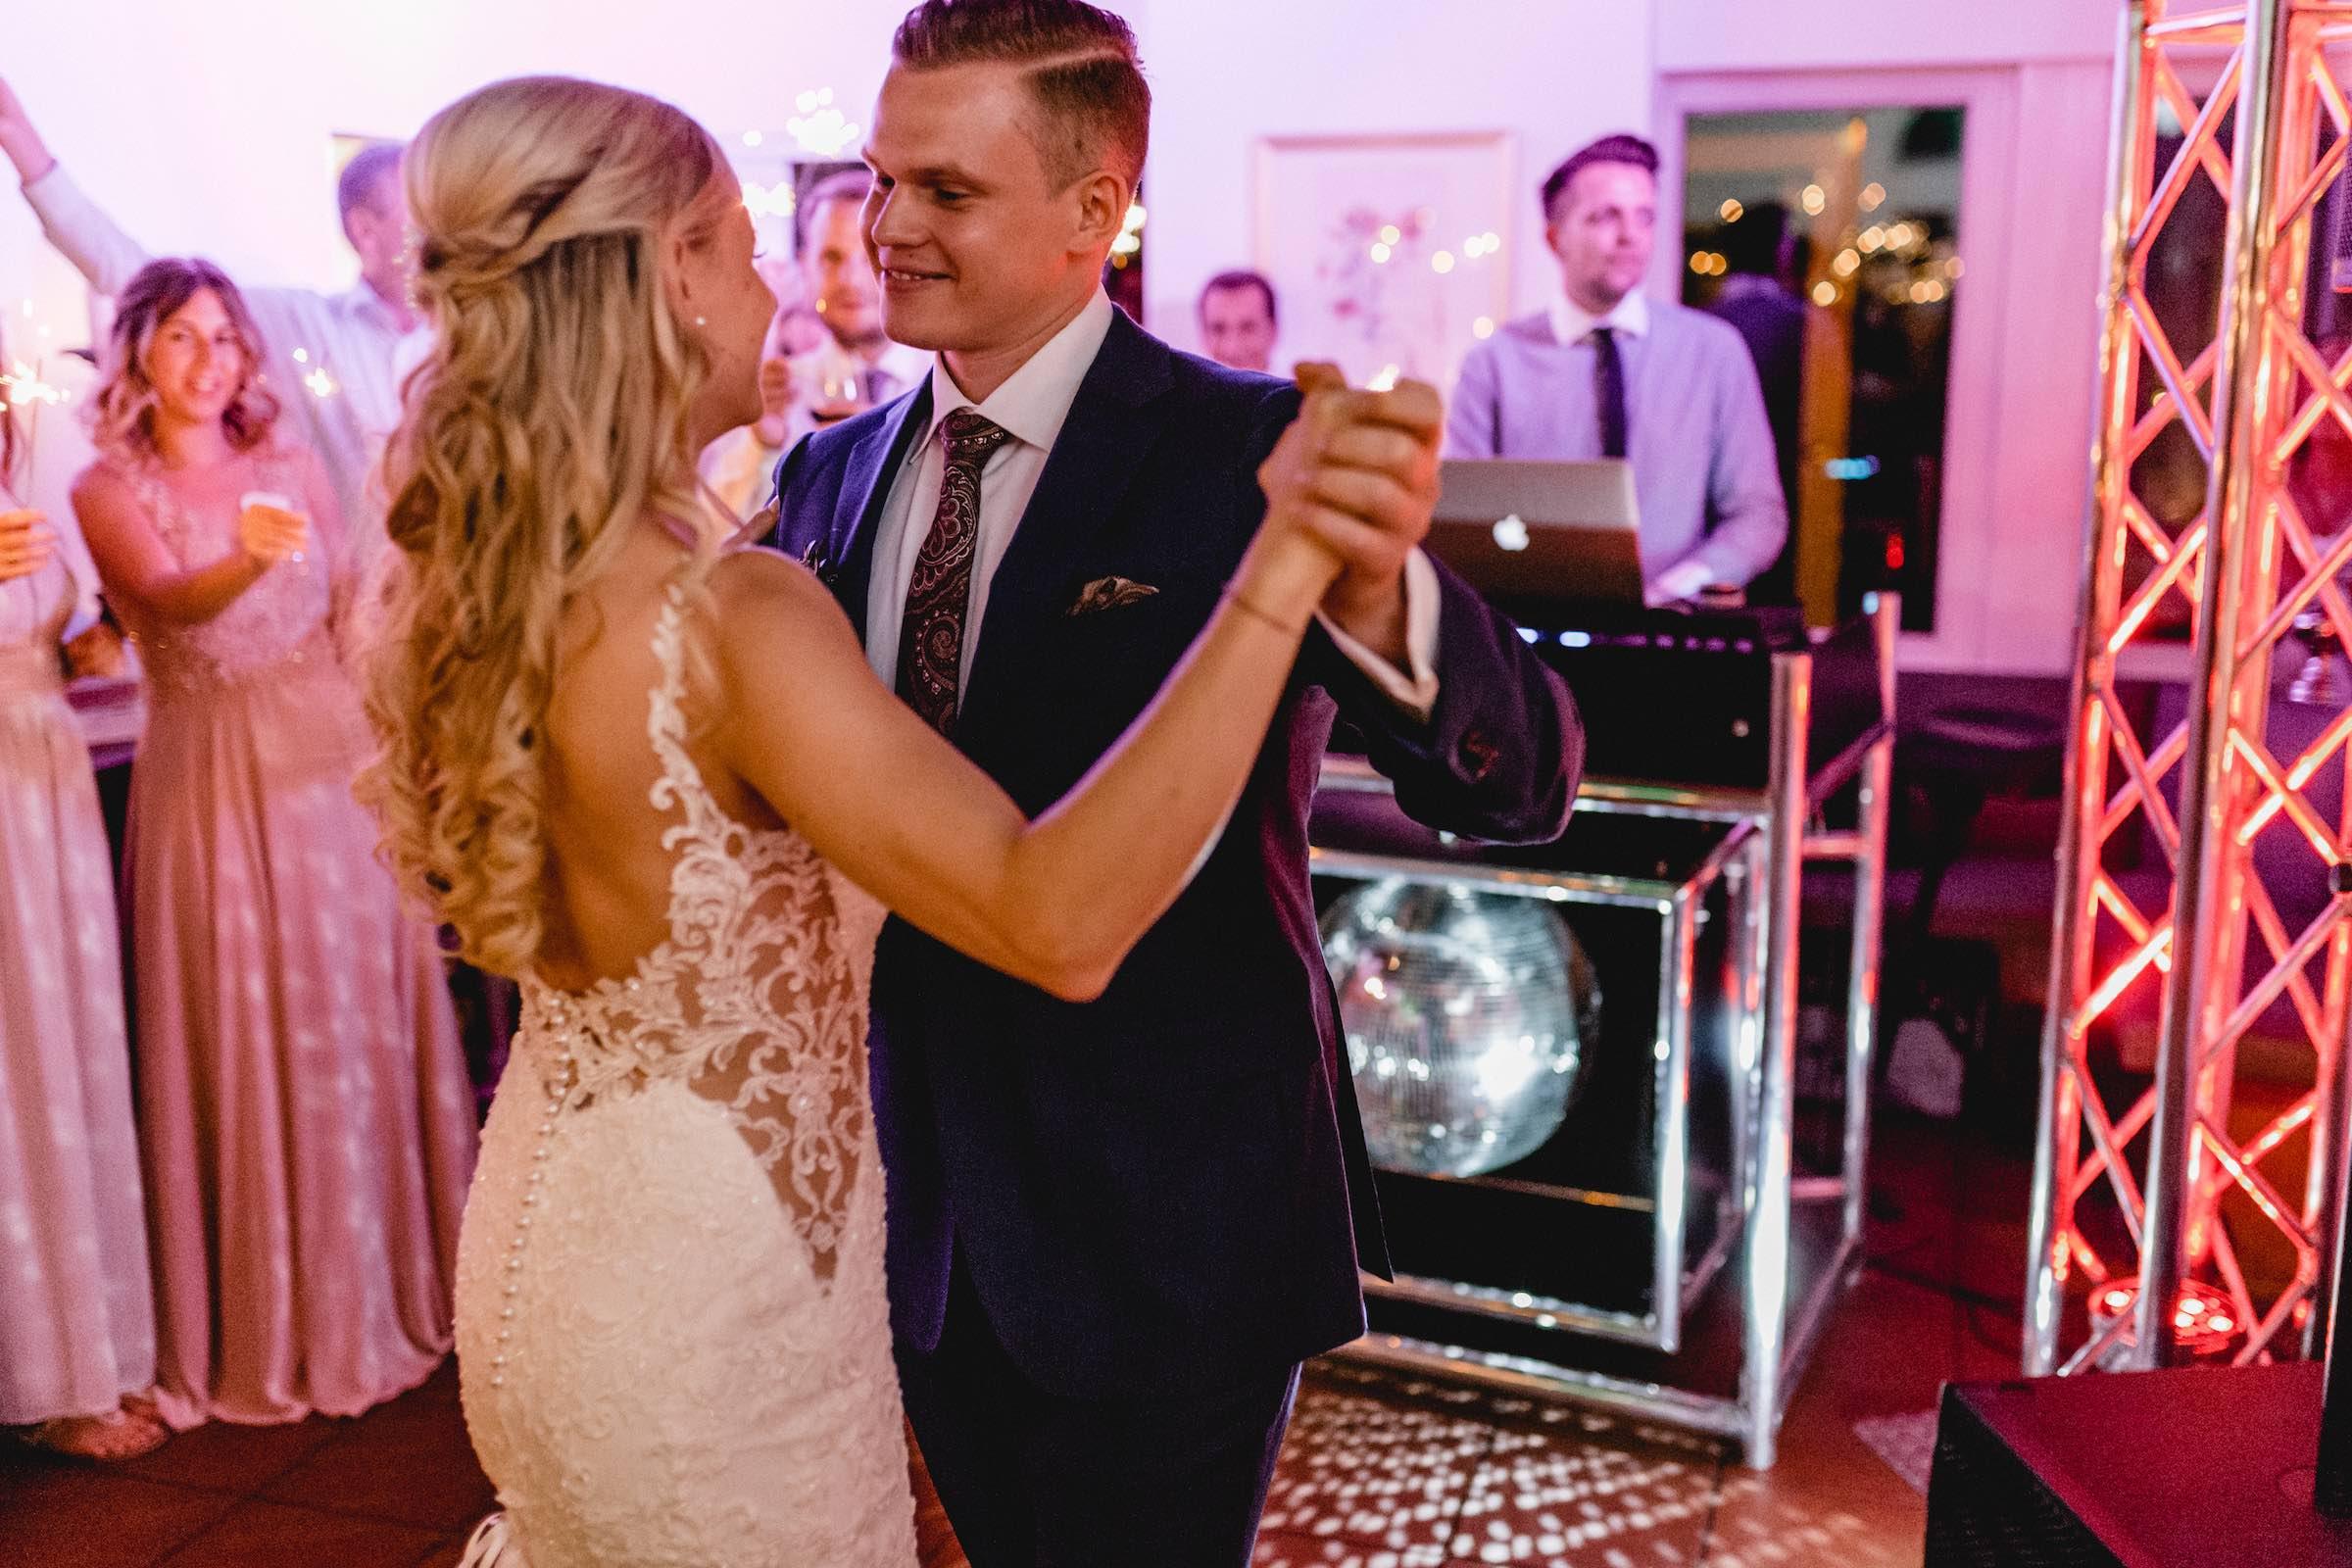 Dj | Hannover | Hochzeit | DJ | Buchen | Hannover | Hochzeits | DJ | Eräffnungstanz | Brauttanz | DJ | Betriebsfeier | DJ | Buchen | Discjockey | Mieten | DJ | Agentur | DJ | Timm | Lehmann